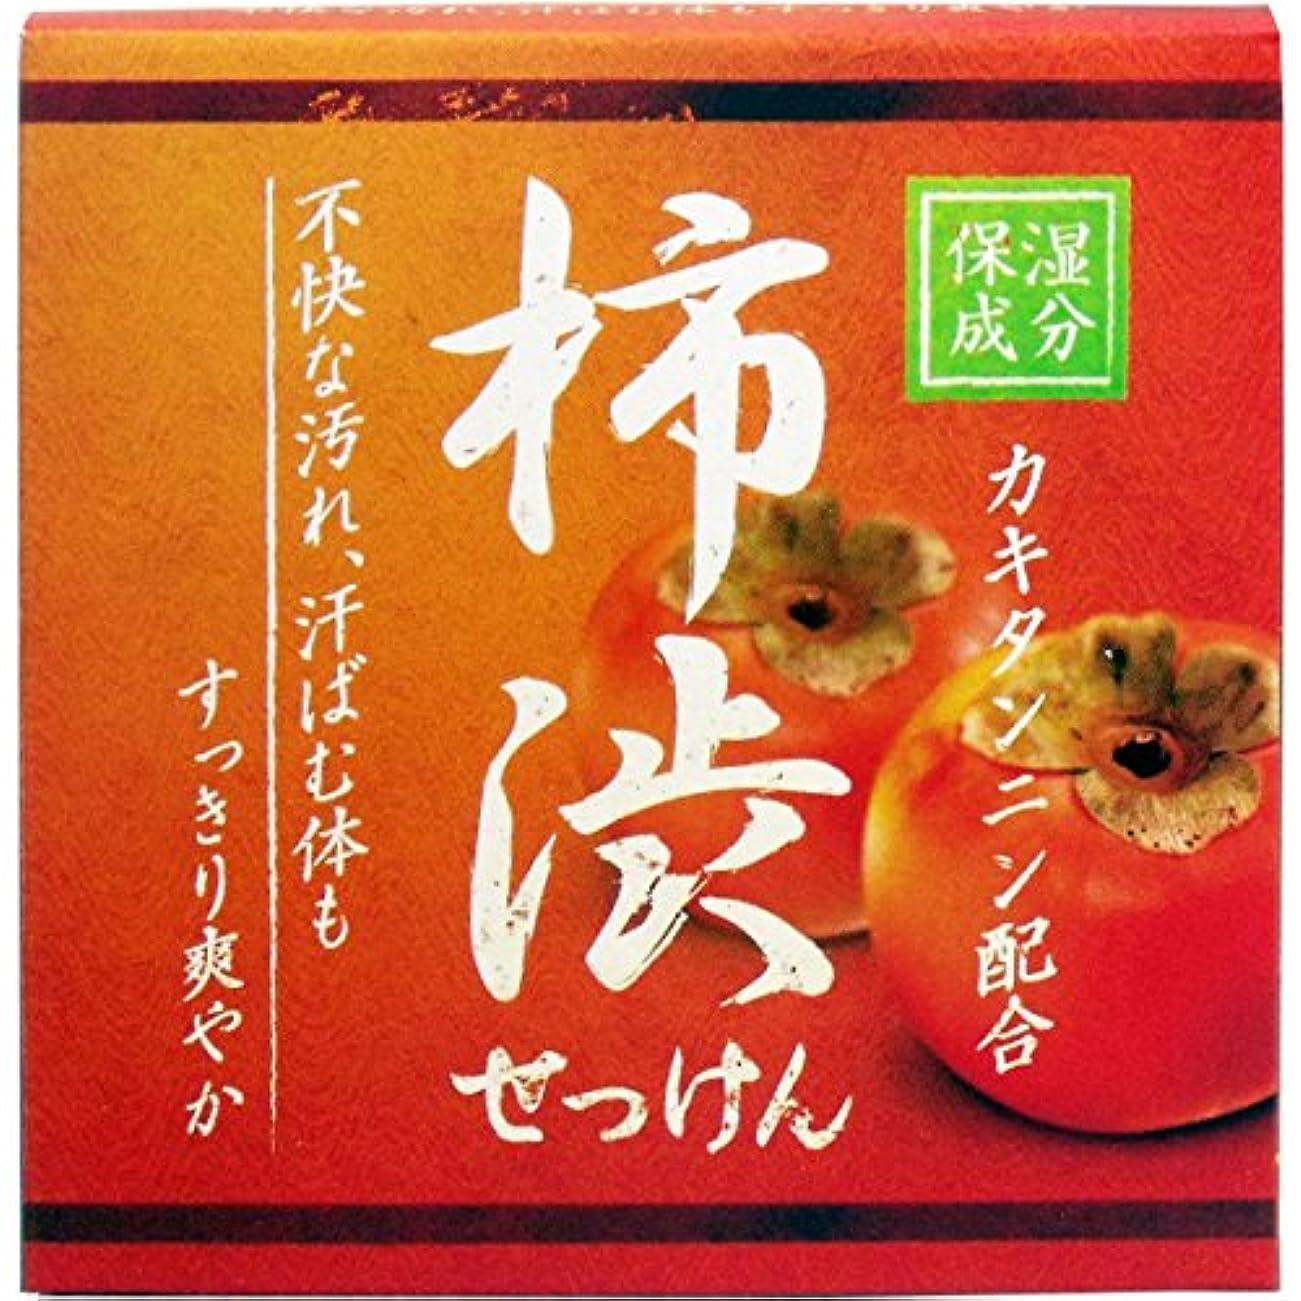 精査するおしゃれな事実クロバーコーポレーション 柿渋配合石けん 石鹸 セッケン せっけん HYA-SKA 80g×3